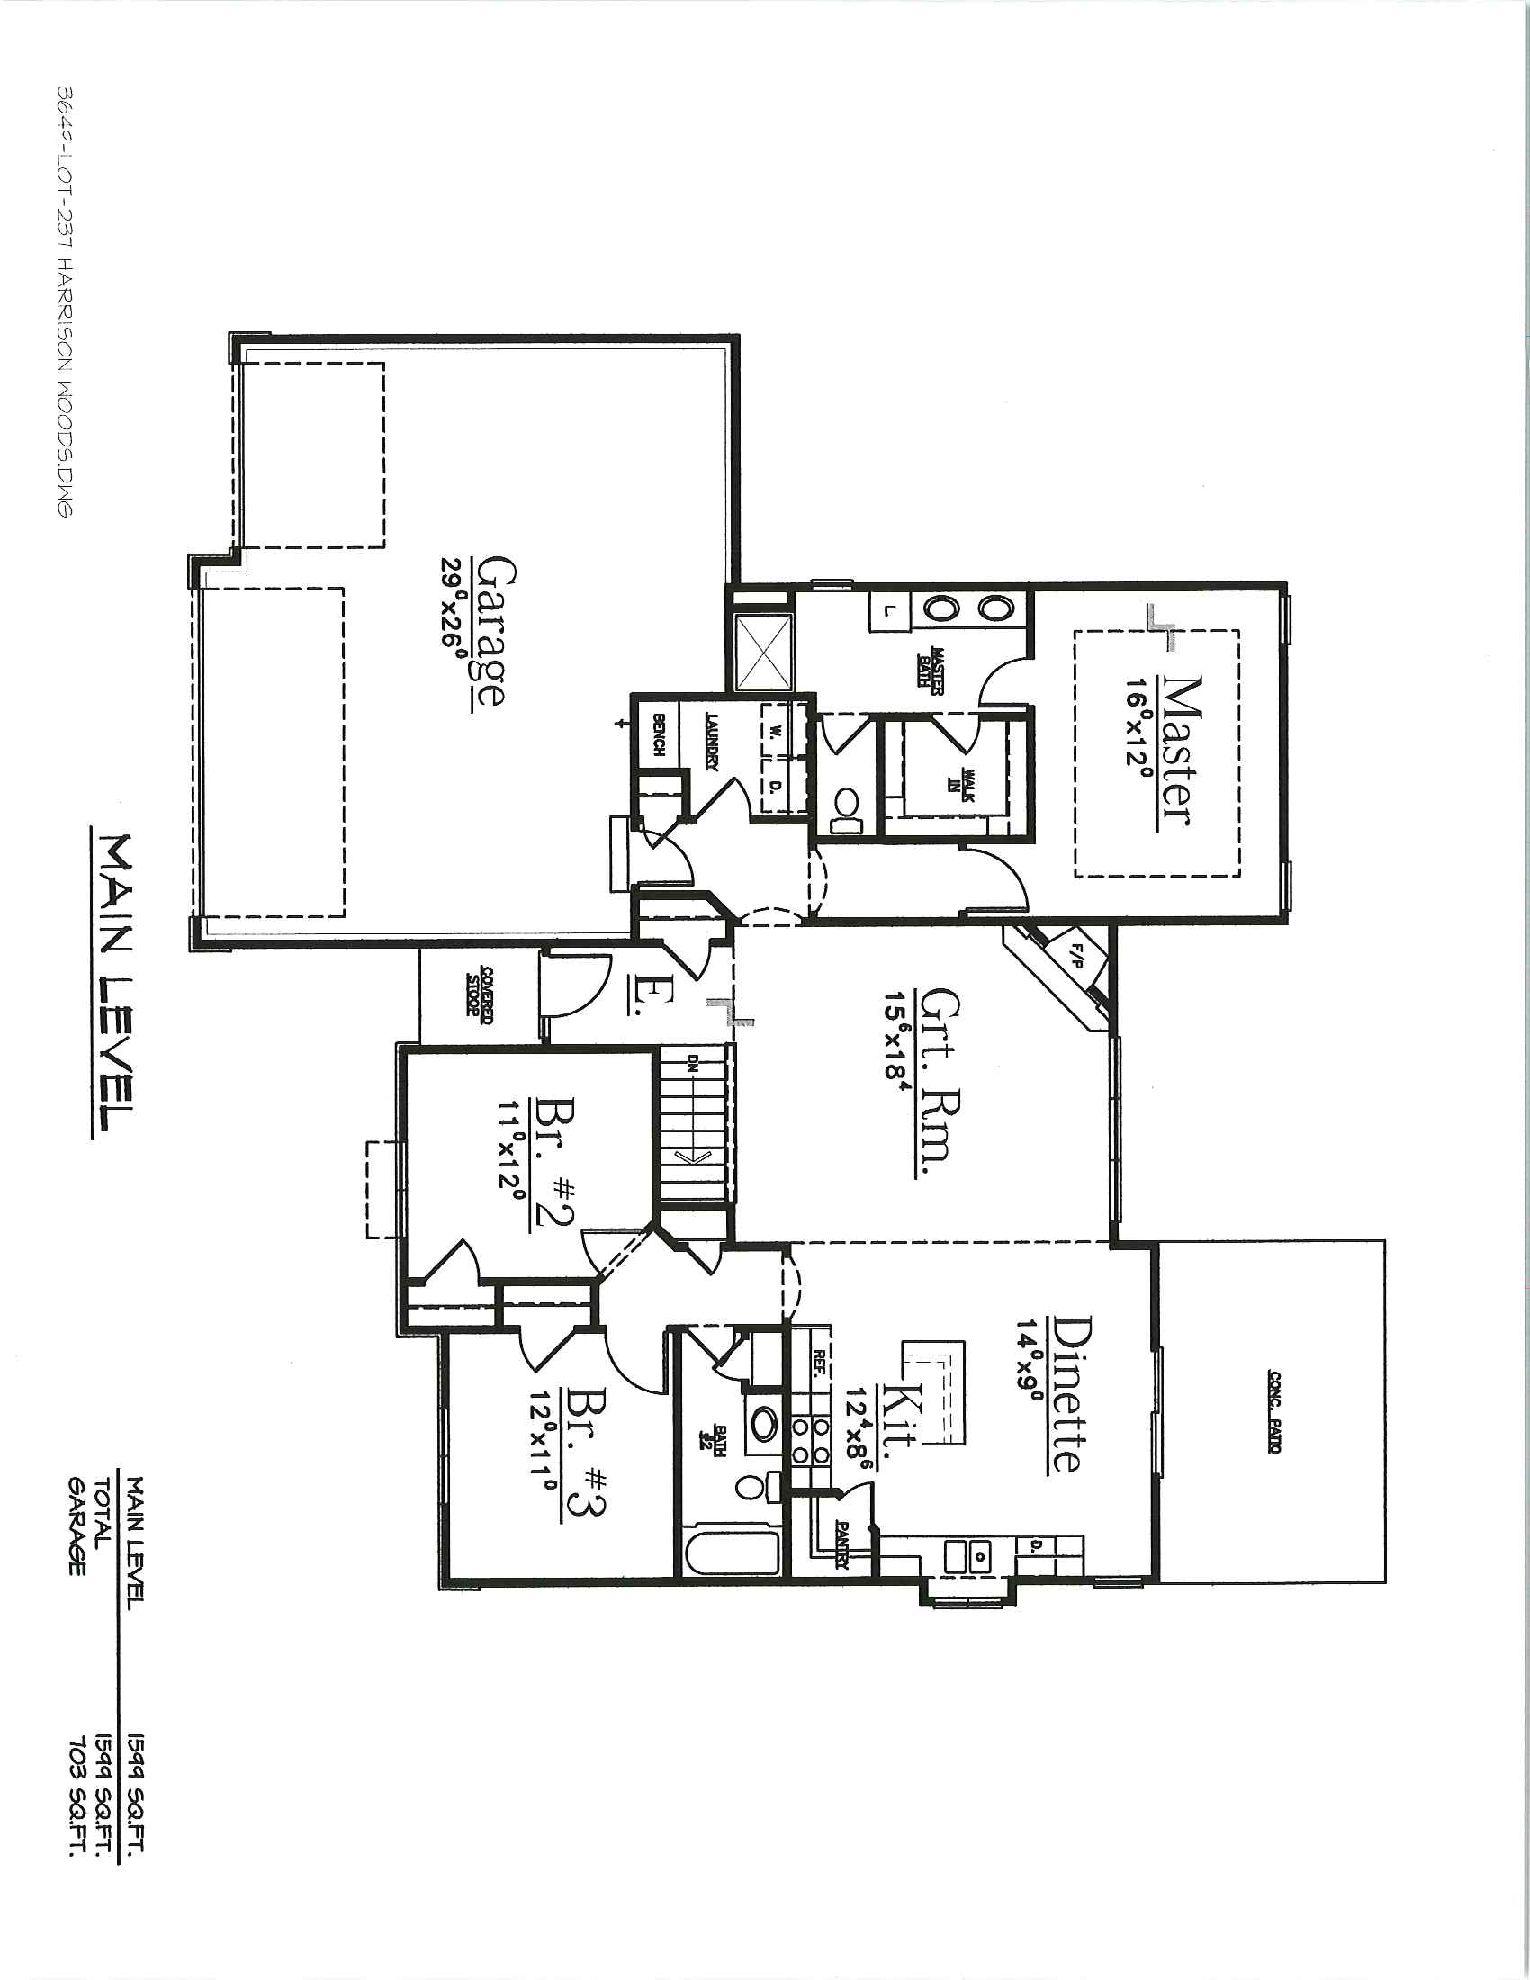 1599_floor_plan